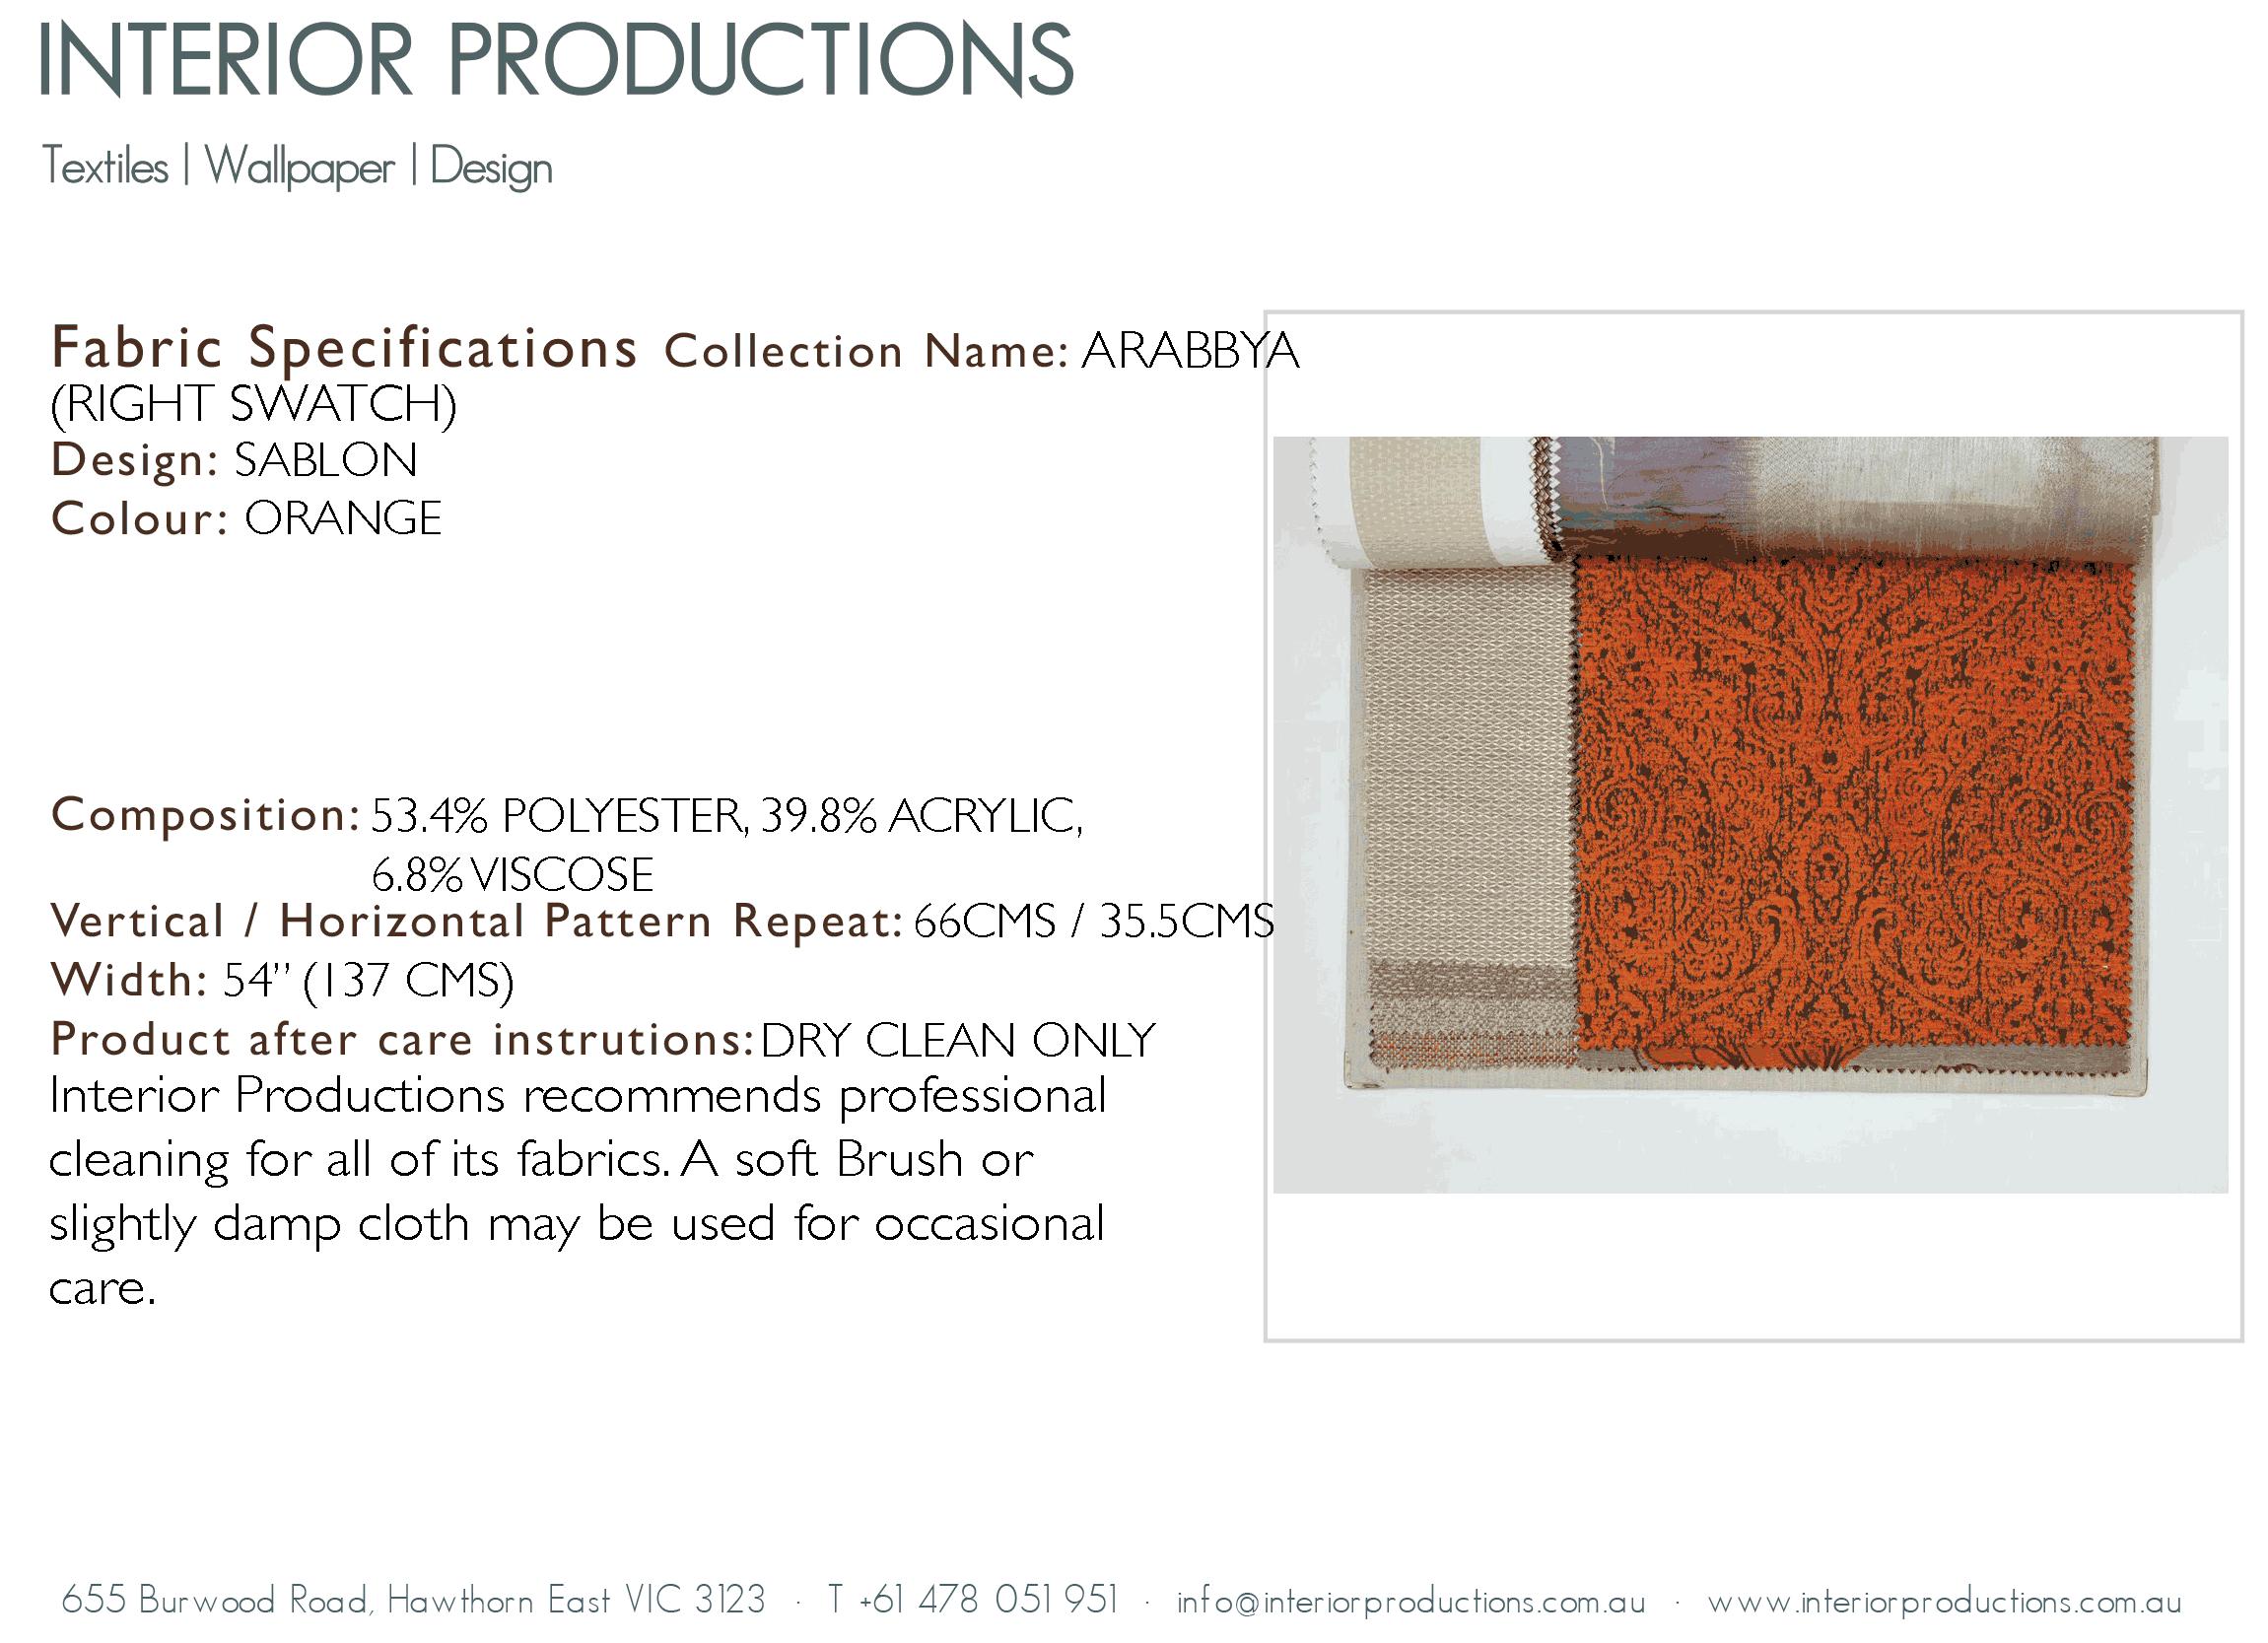 interior_productions_SABLON---ORANGE